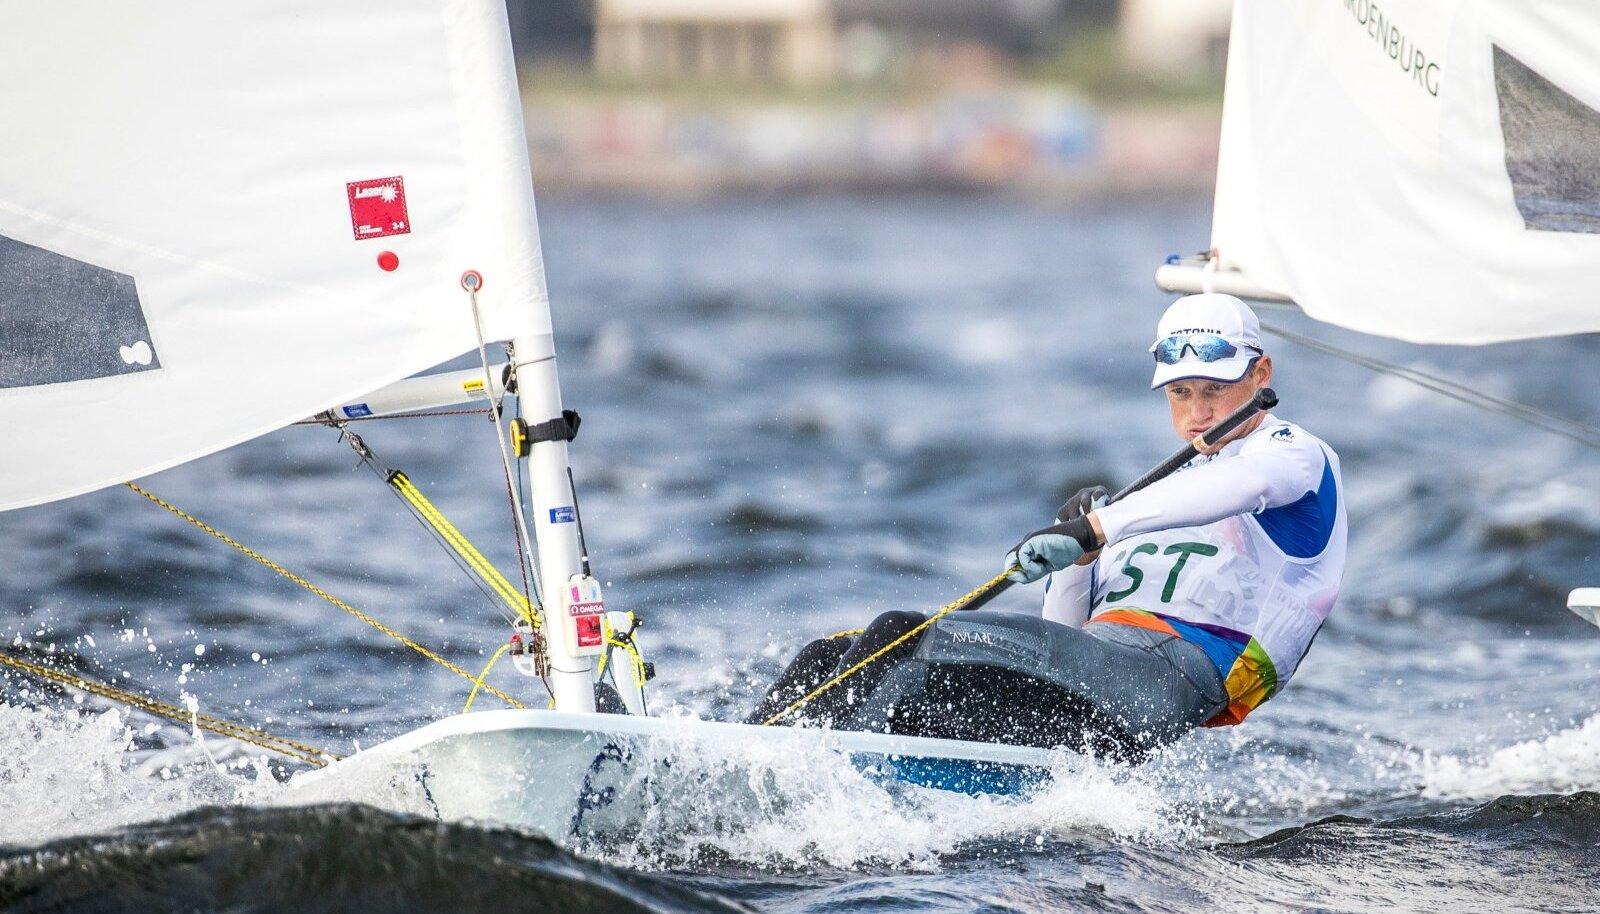 Karl-Martin Rammo kindlustas 2018. aasta augustis esimese Eesti sportlasena Tokyo olümpiapääsme.